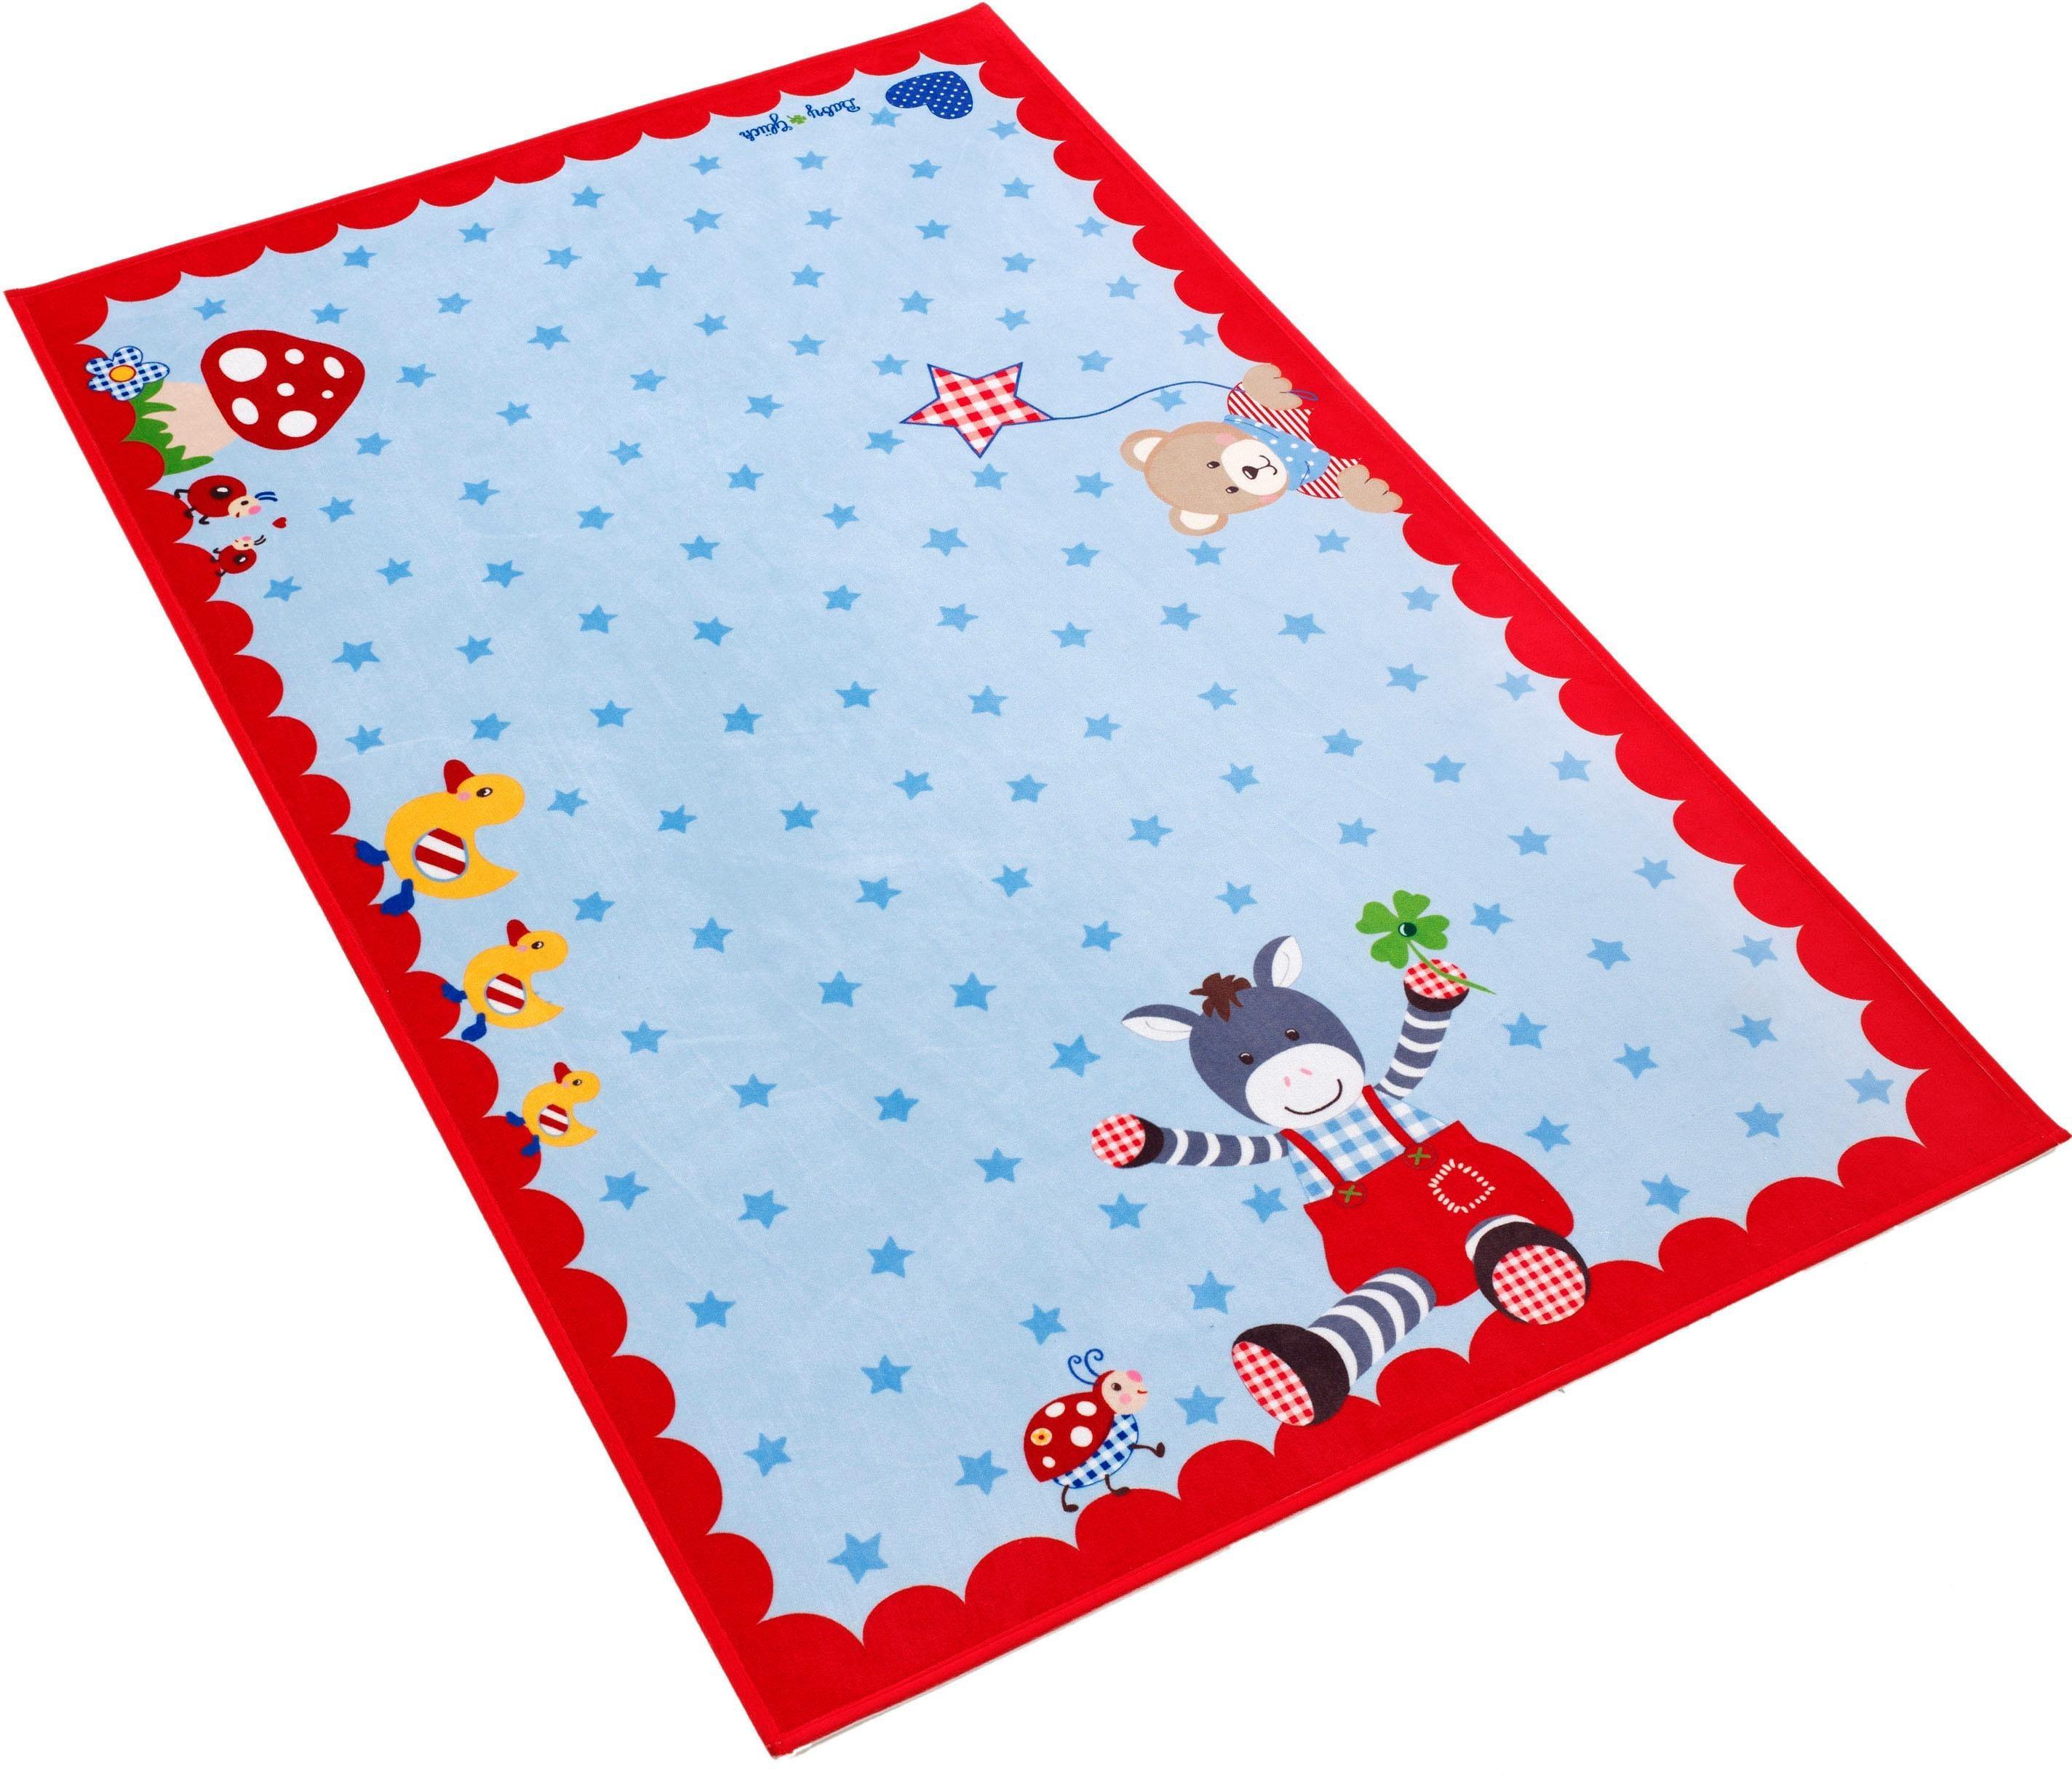 Kinderteppich Babyglück 715 Babyglück rechteckig Höhe 6 mm gedruckt